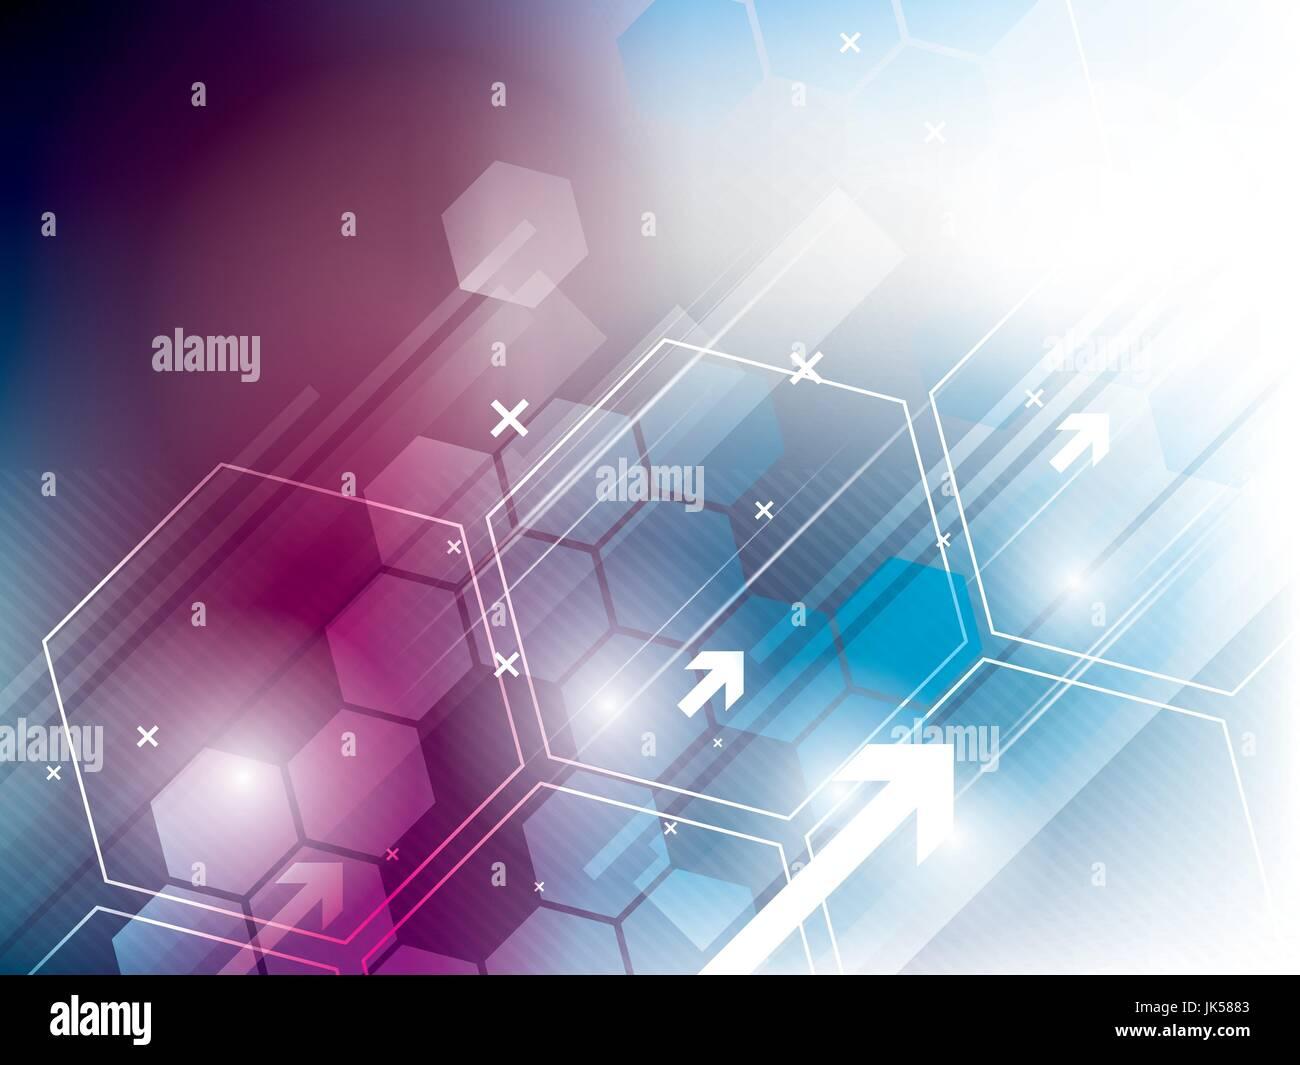 Tecnologia astratta sfondo con esagoni Immagini Stock